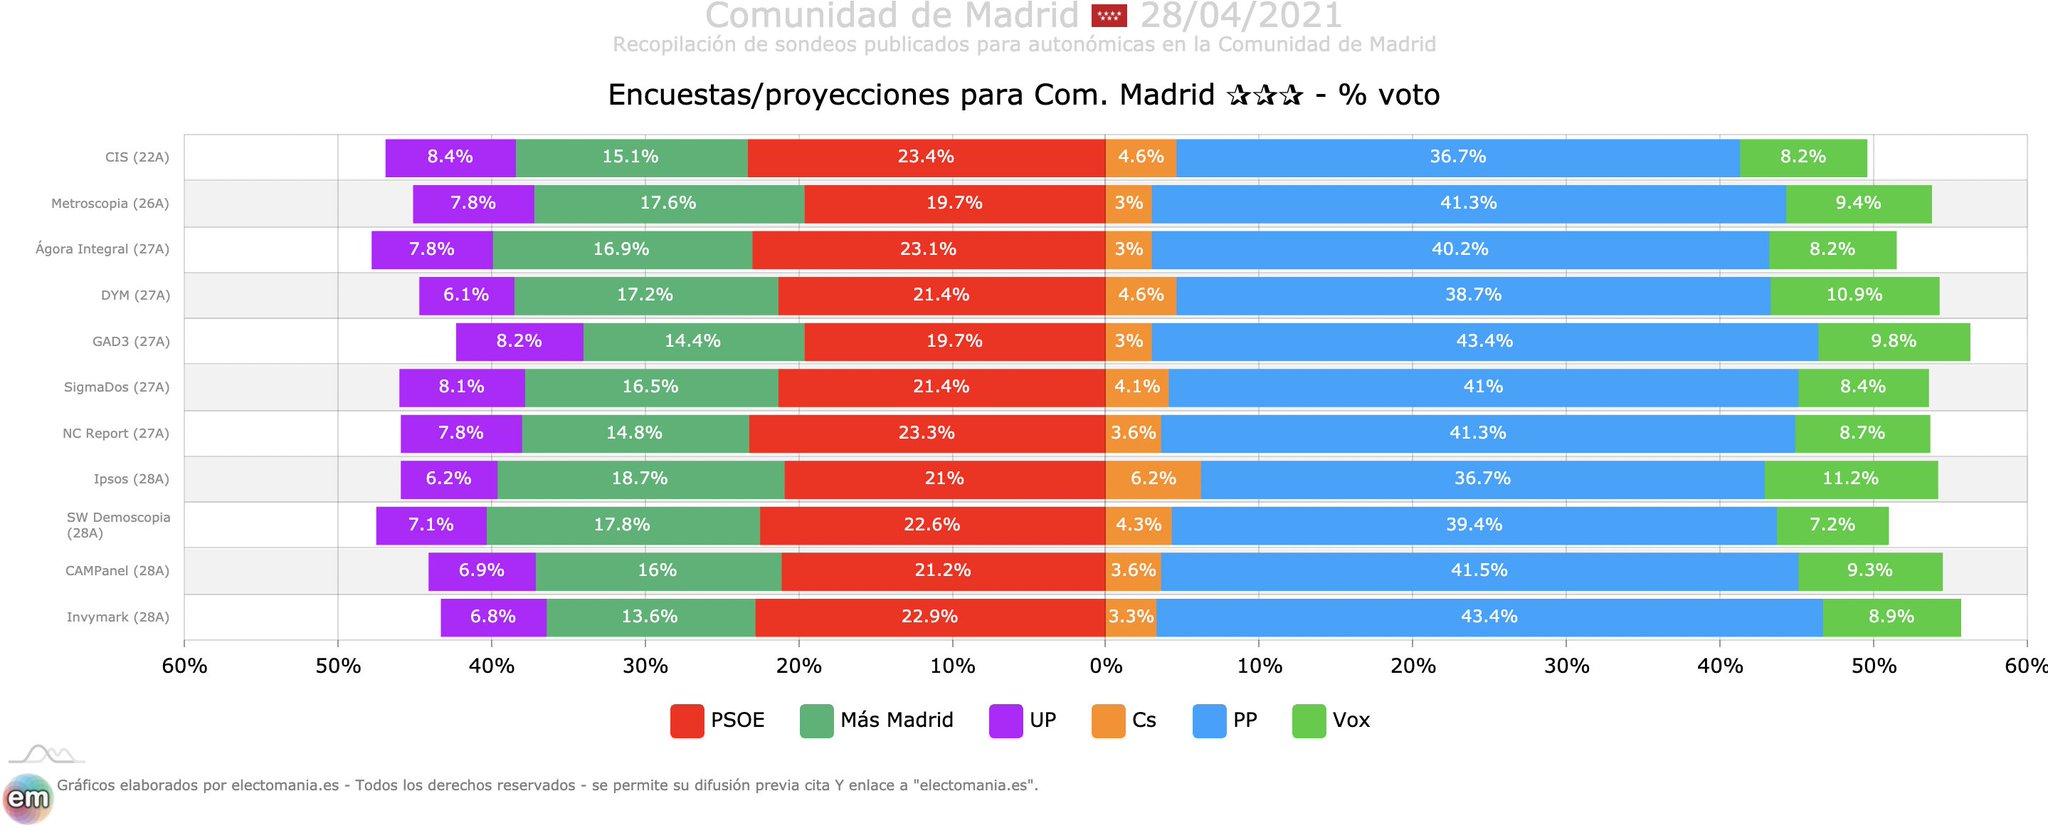 Elecciones a la Asamblea de Madrid 4 de mayo de 2021! ¡Vuelve la guerra fría!.  - Página 12 E0DpvgZX0AASuUQ?format=jpg&name=large